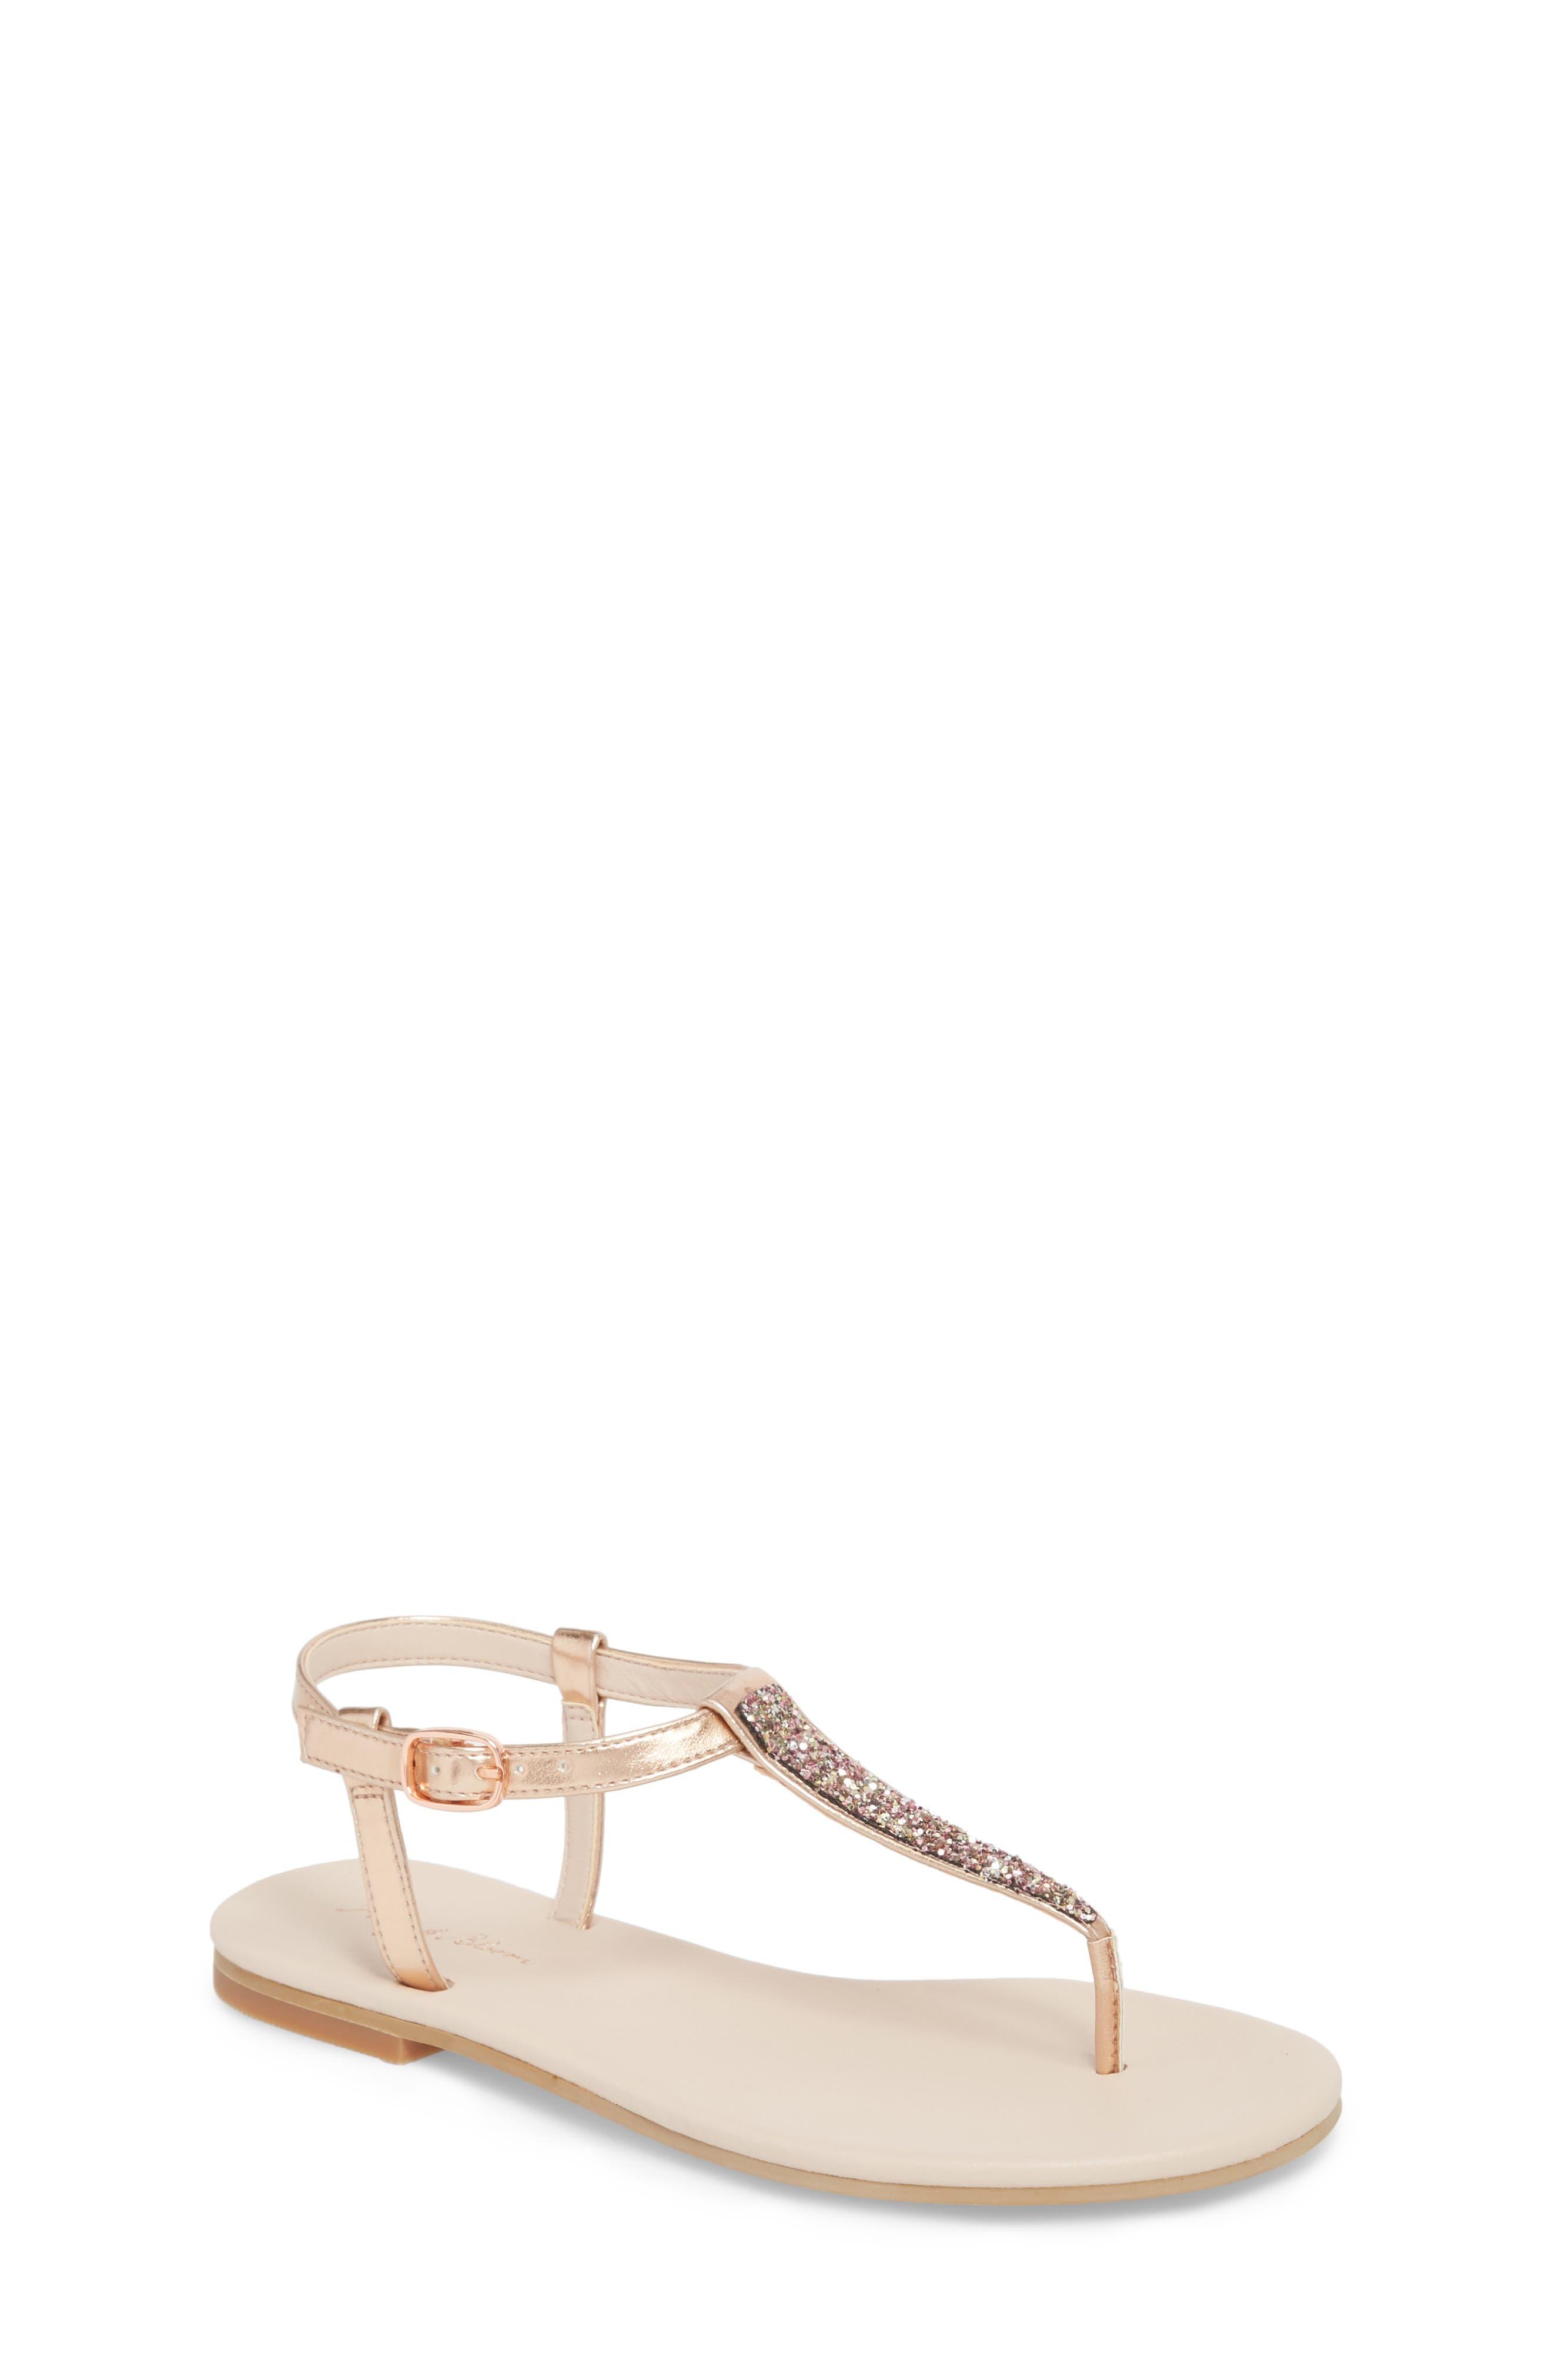 Noe Glitter T-Strap Sandal Sandal,                             Main thumbnail 1, color,                             ROSE GOLD FAUX LEA